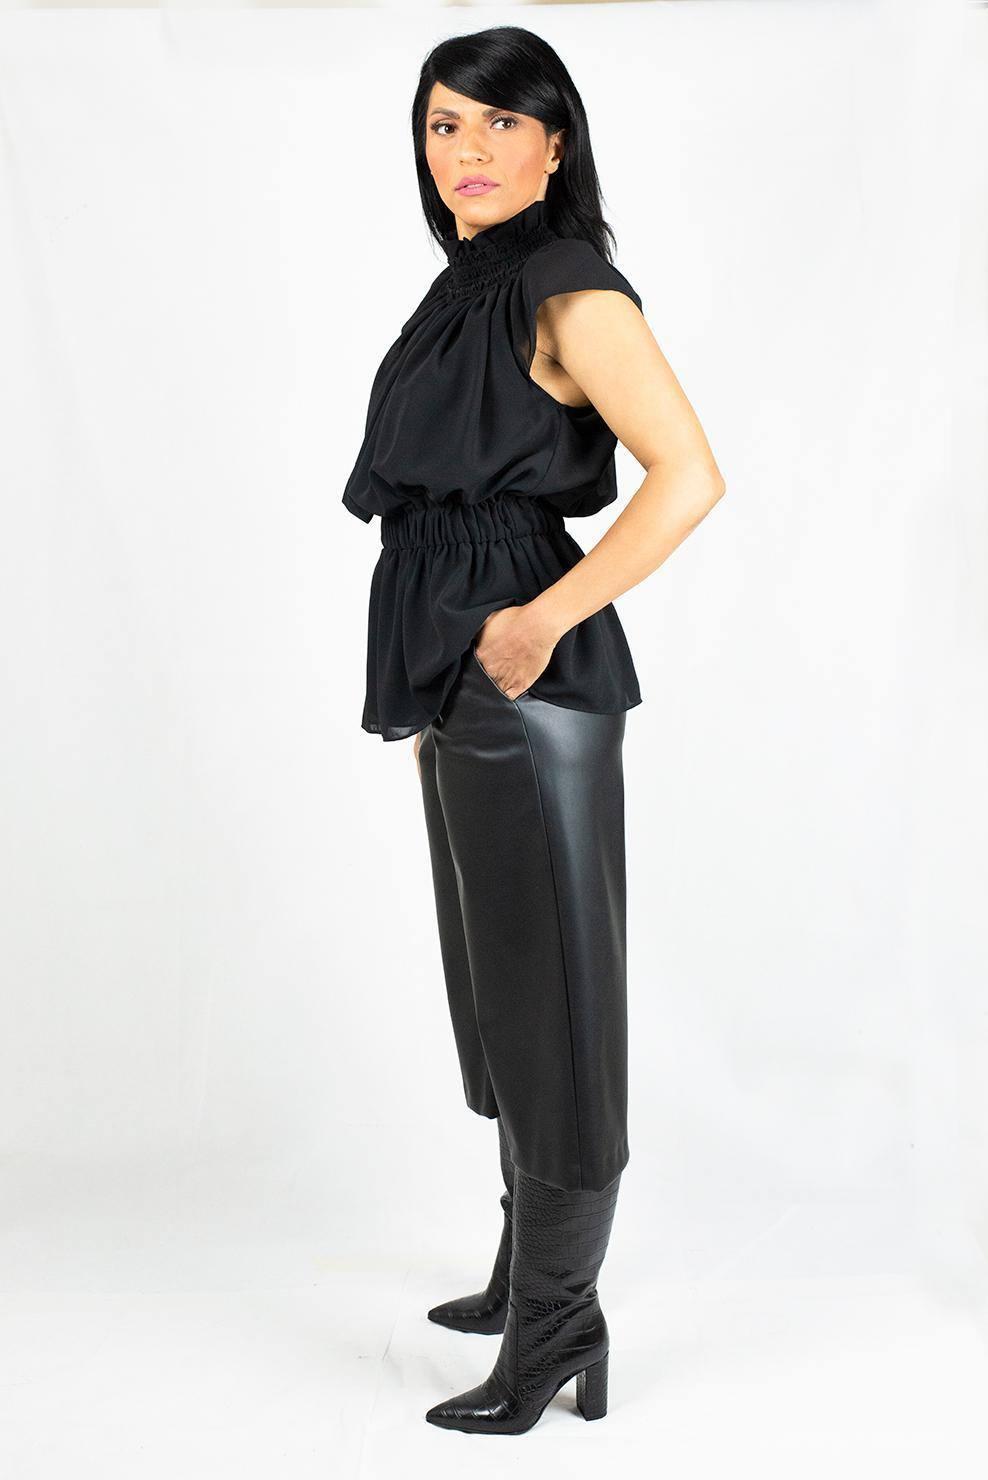 Μπλούζα Μαύρο AVANT GARDE - Nook Boutique